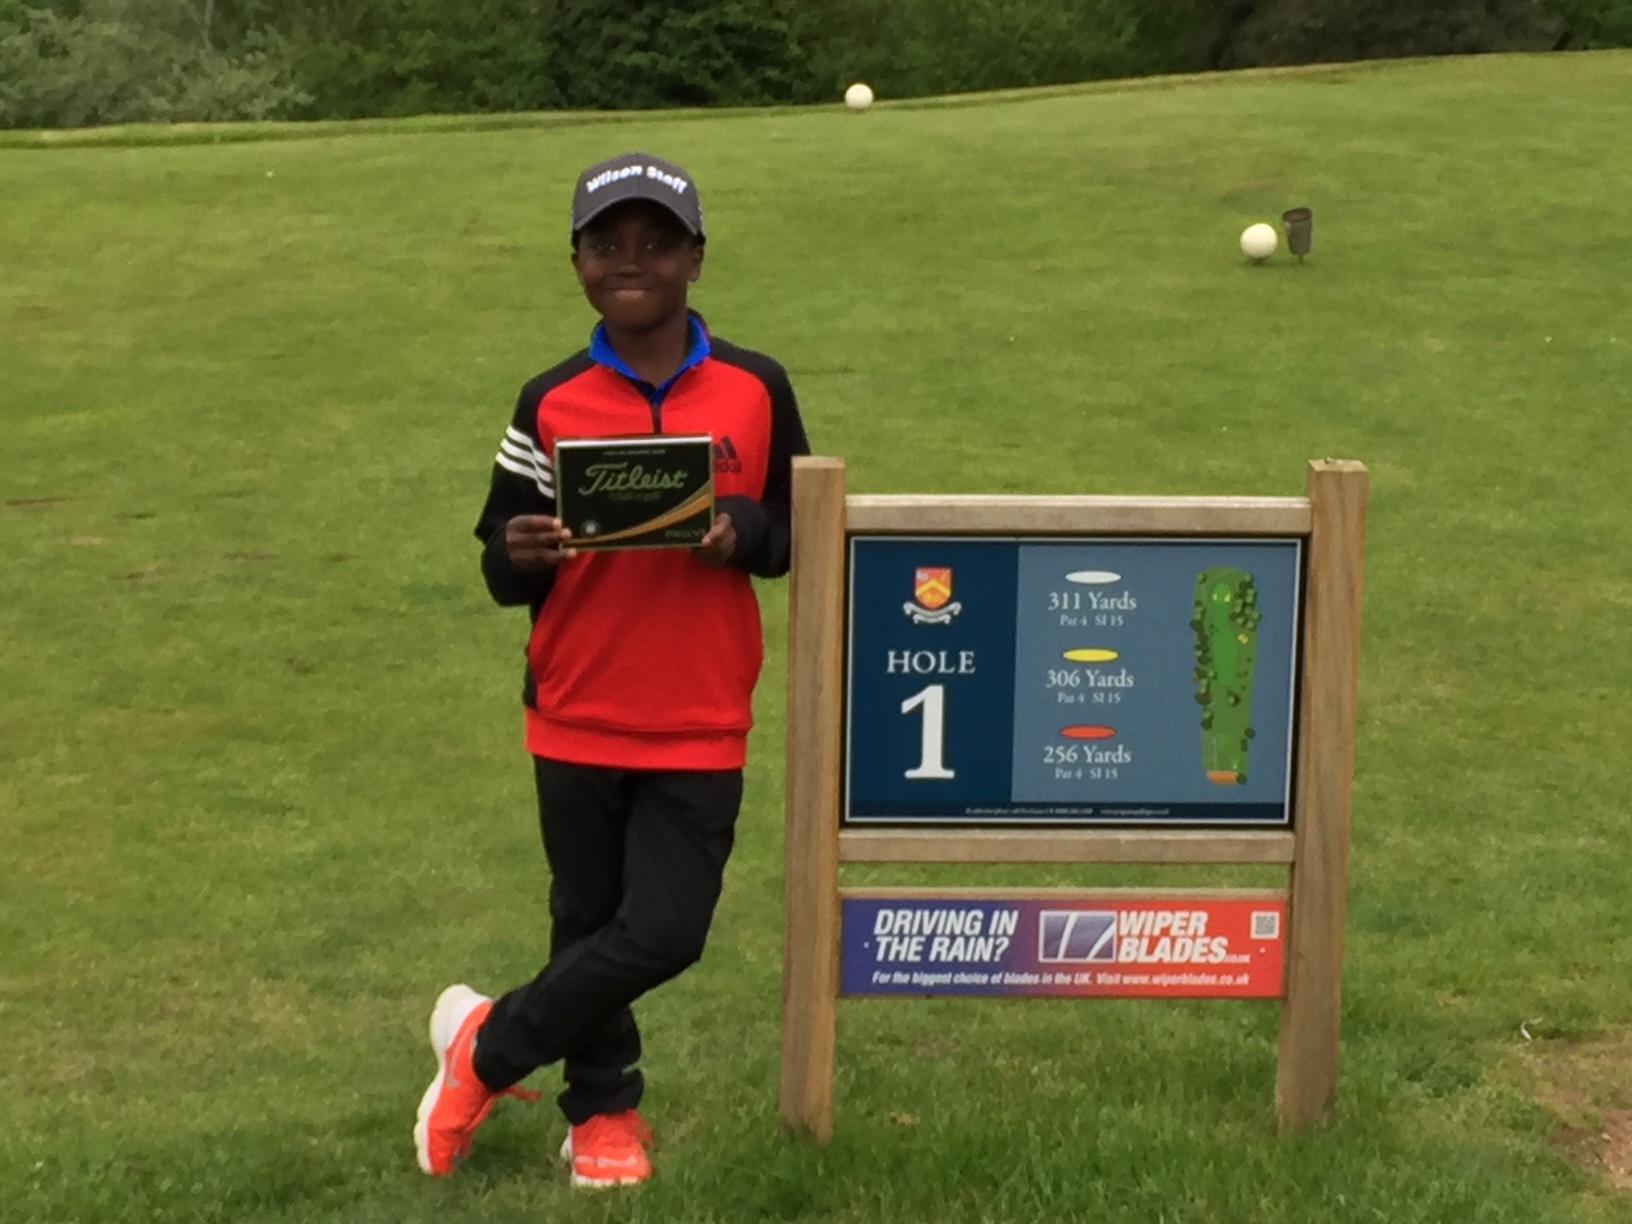 2018 Junior Open Winner Churchill and Blakedown GC